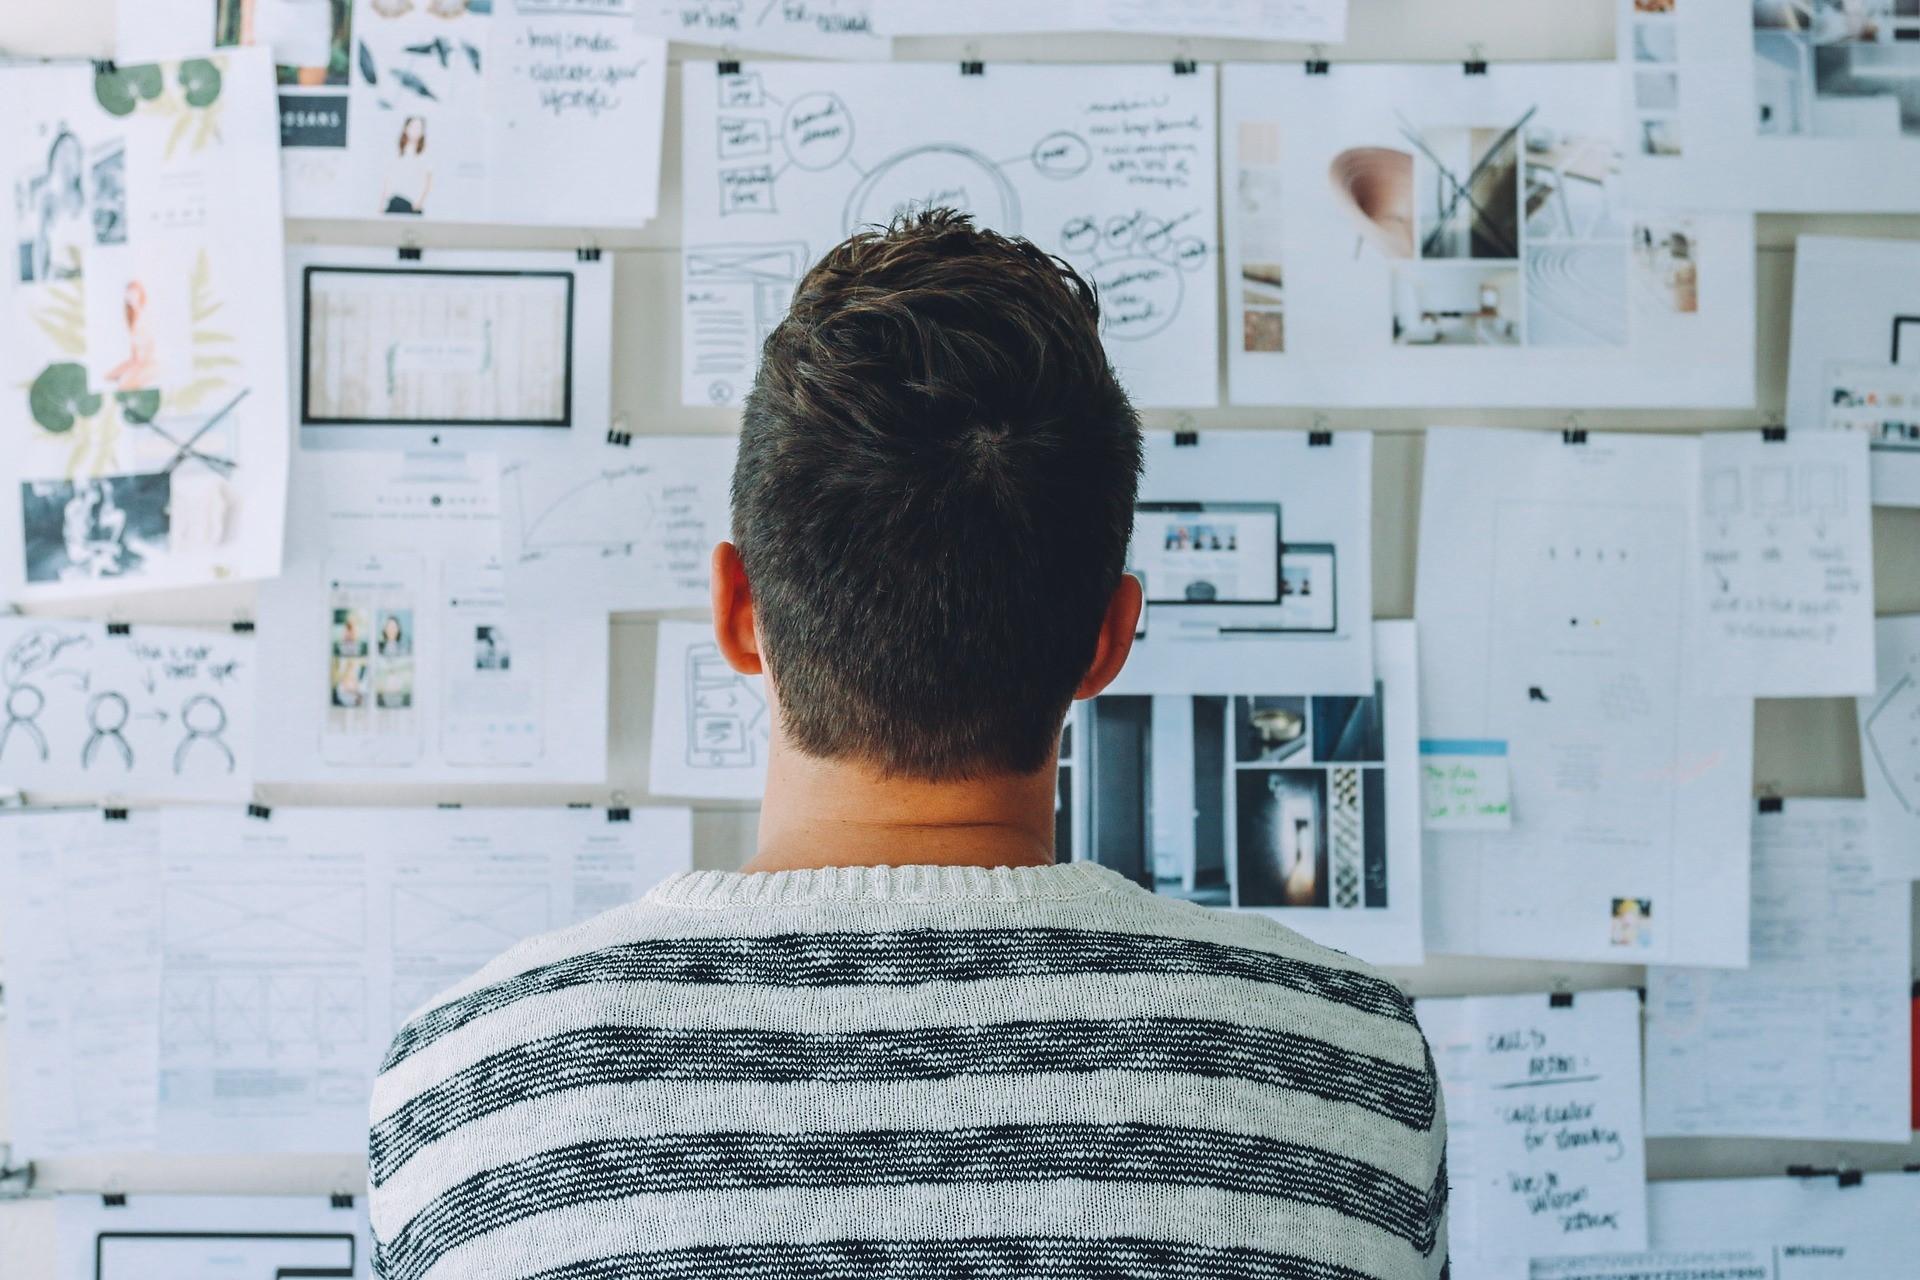 Web開発クリエイターに捧ぐ!キャリアップでWebディレクターになる方法とは!【インタビューVol.1】